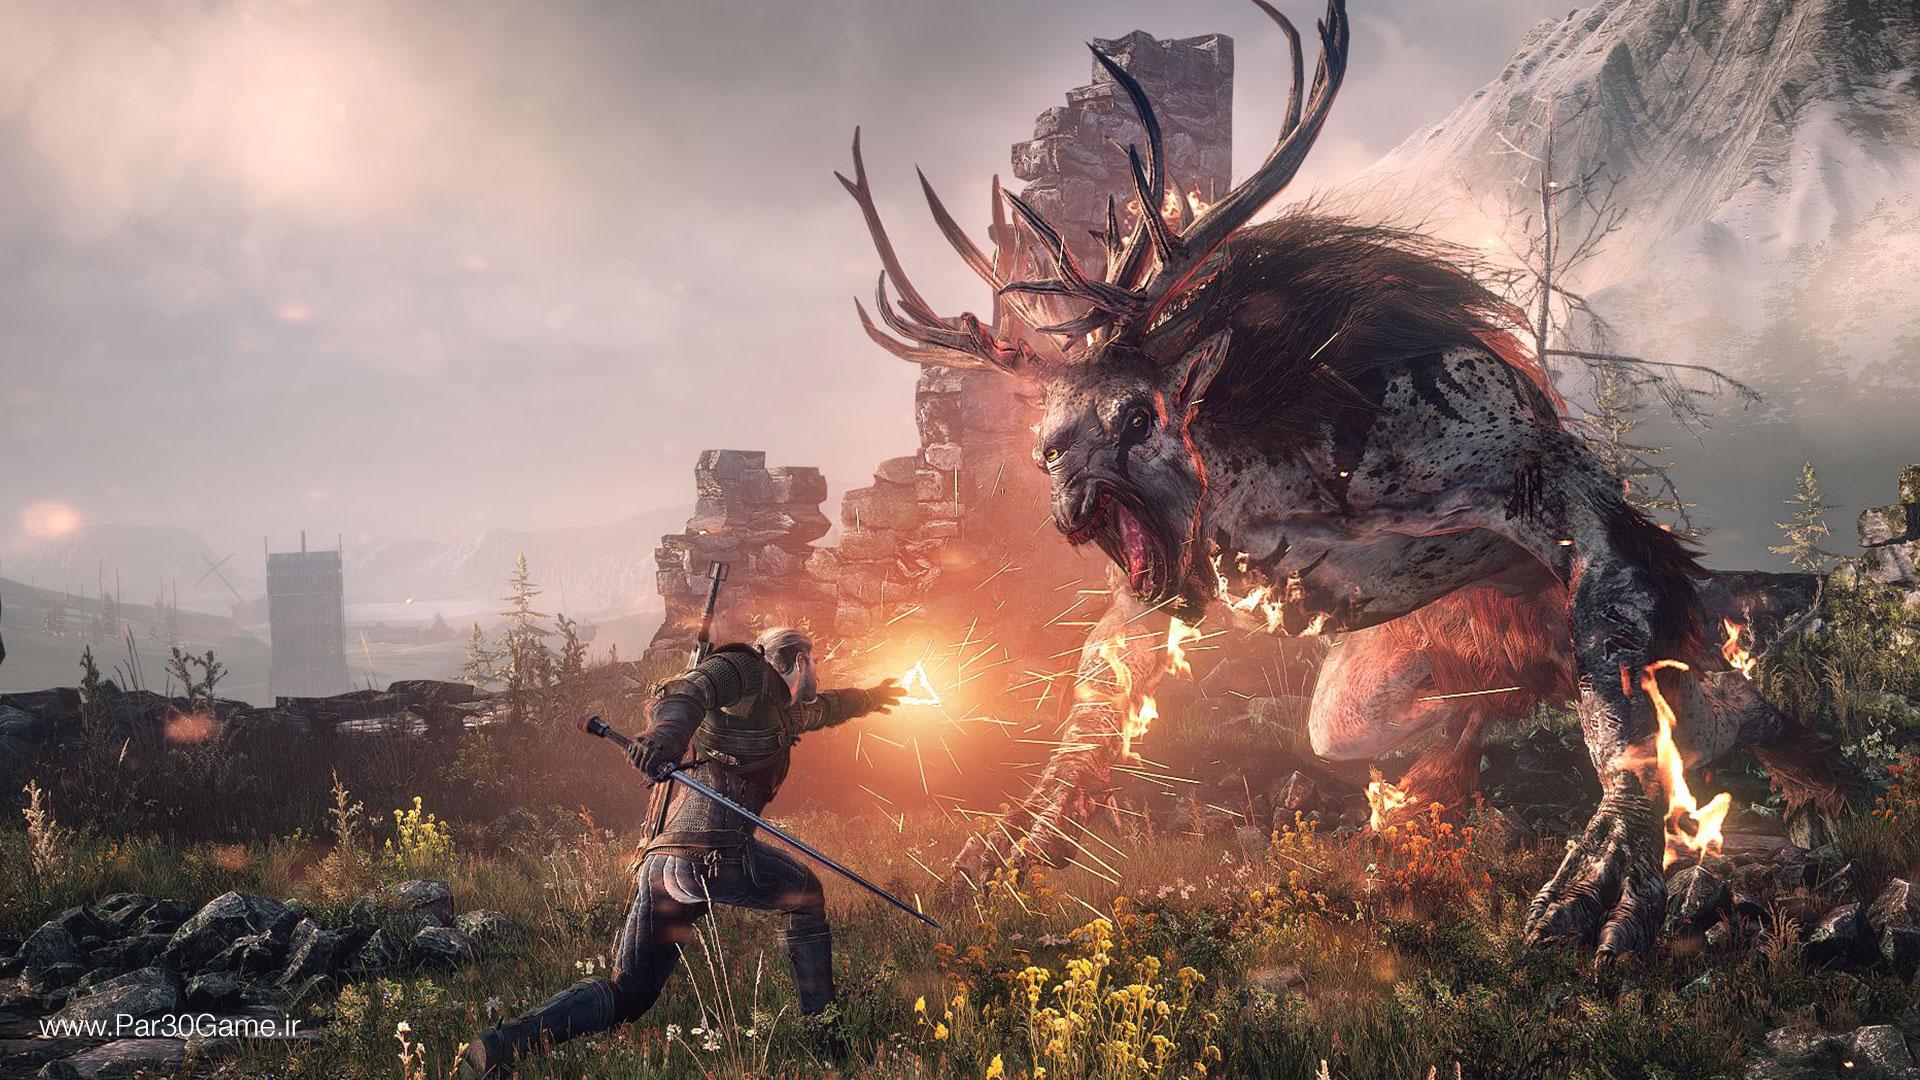 تصویری از بازی The Witcher 3